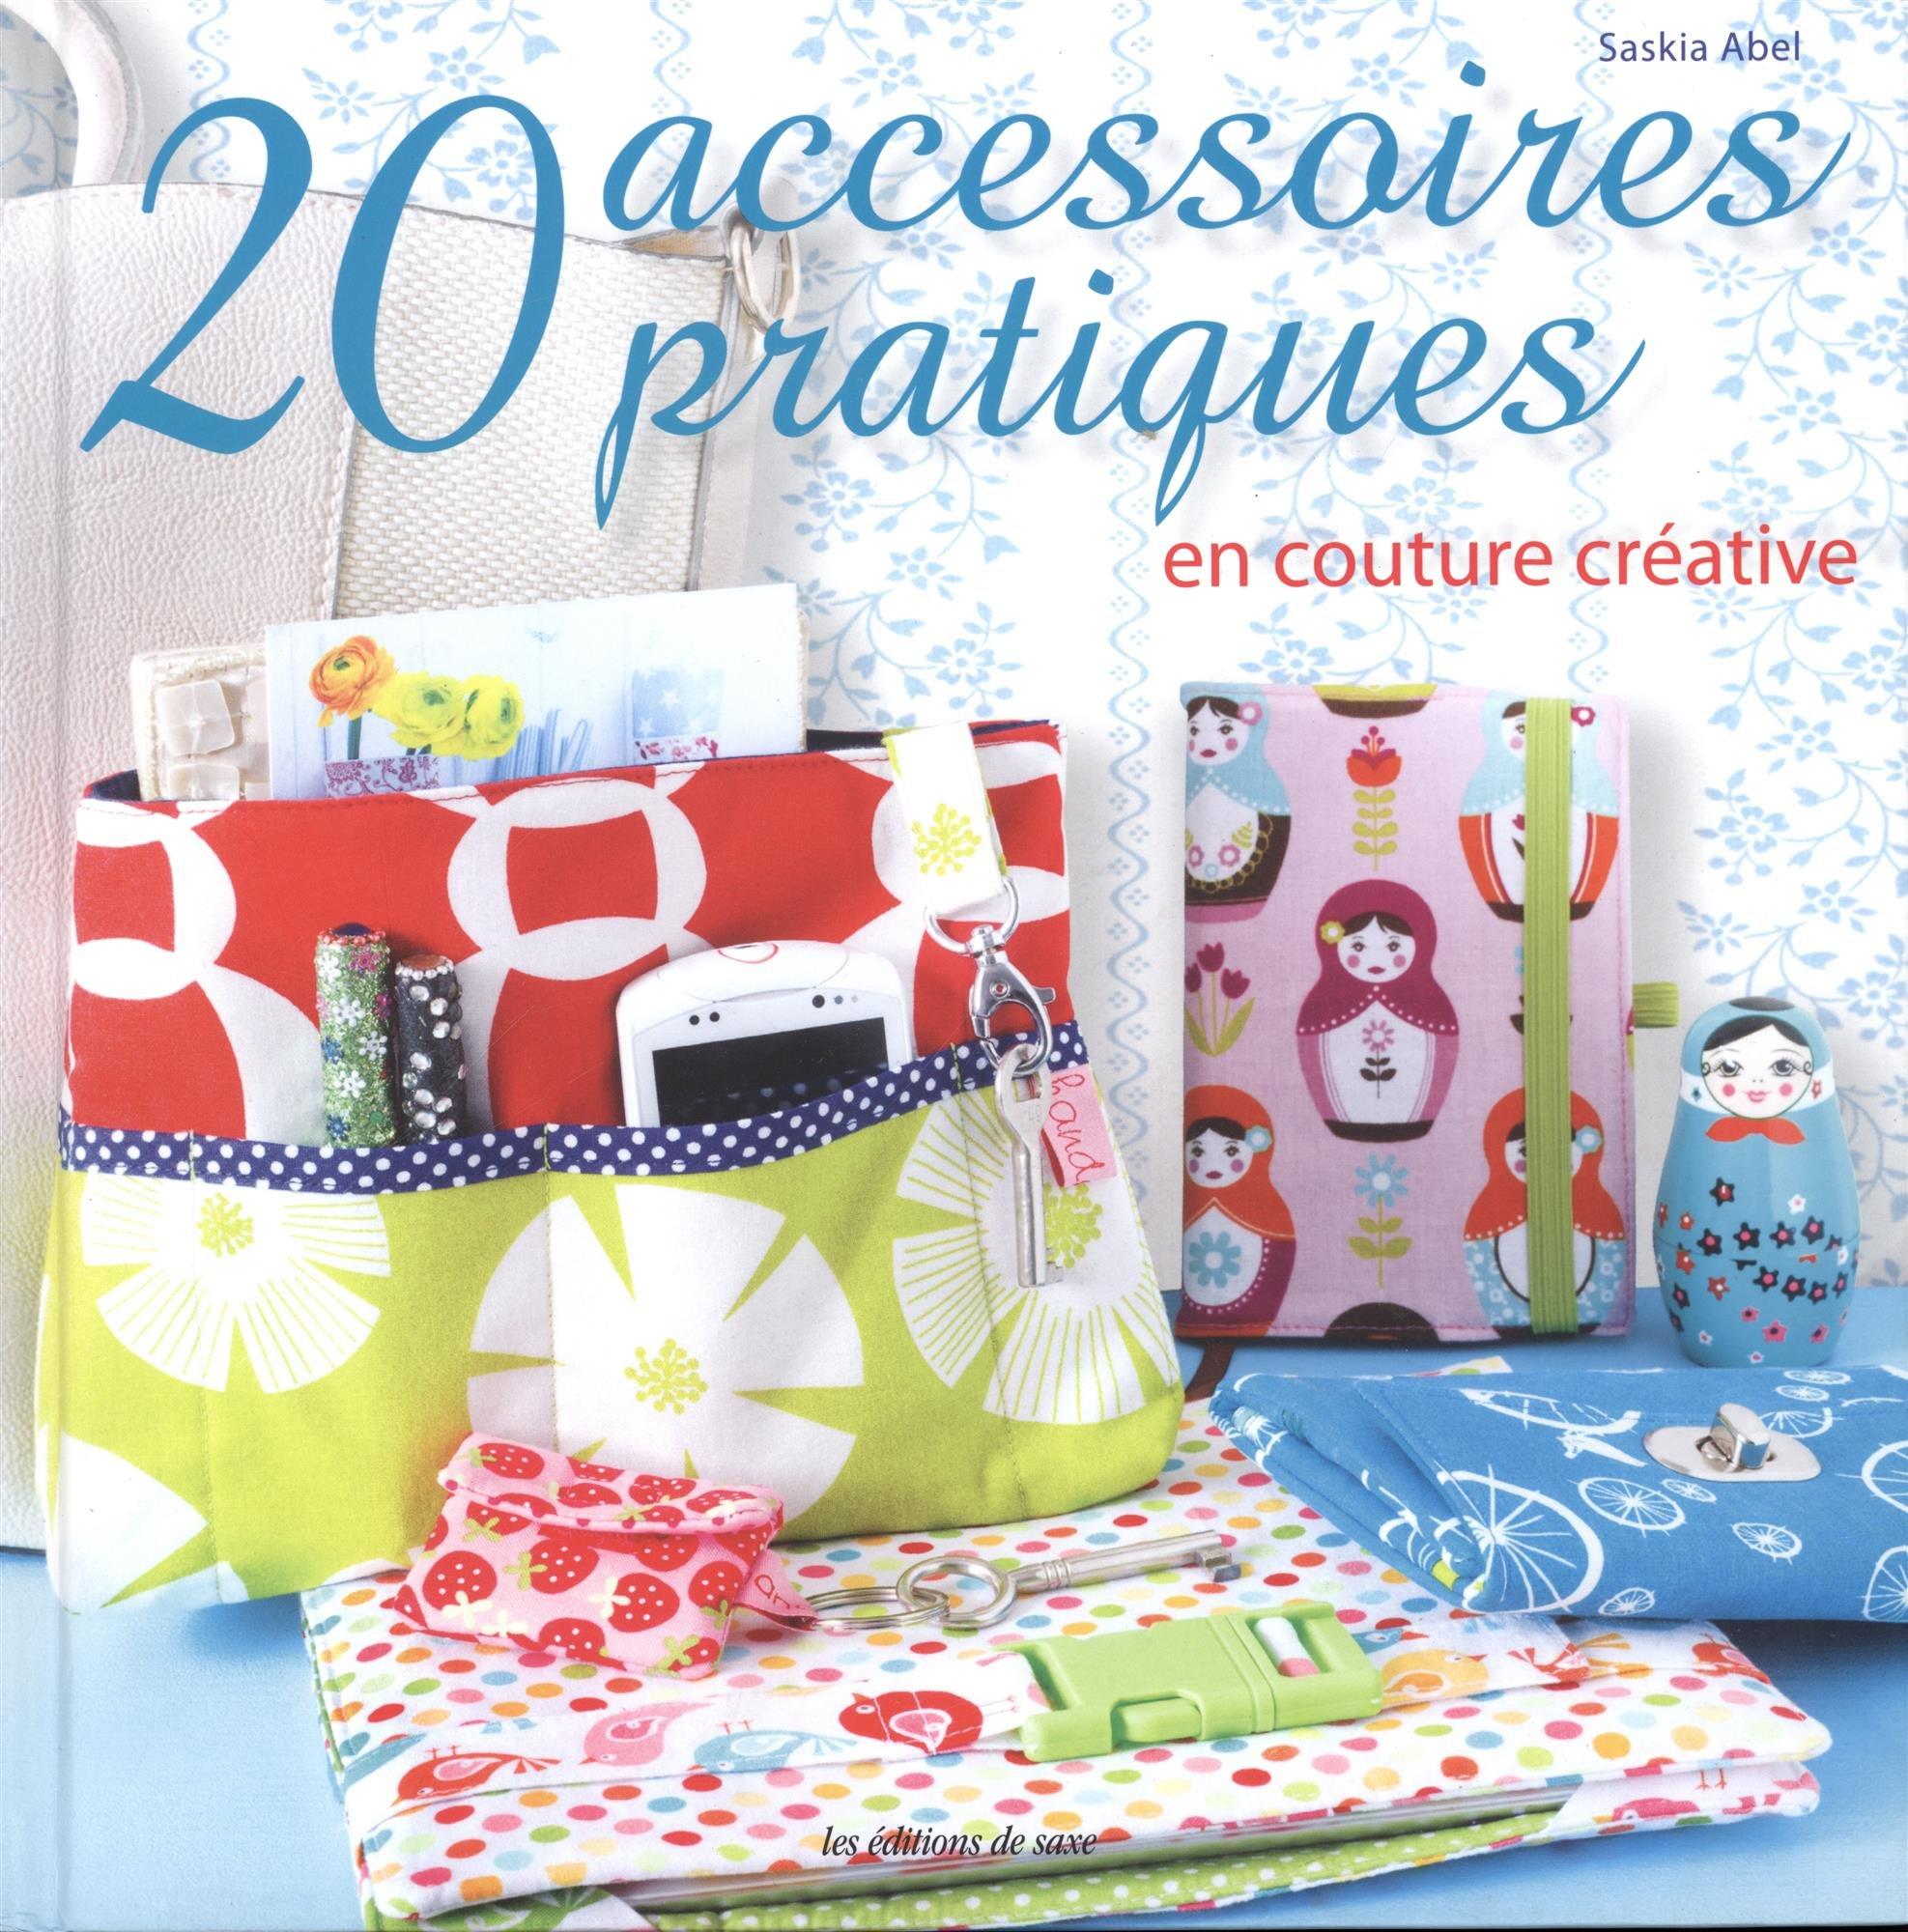 Amazon.fr - 20 accessoires pratiques en couture créative - Saskia Abel -  Livres